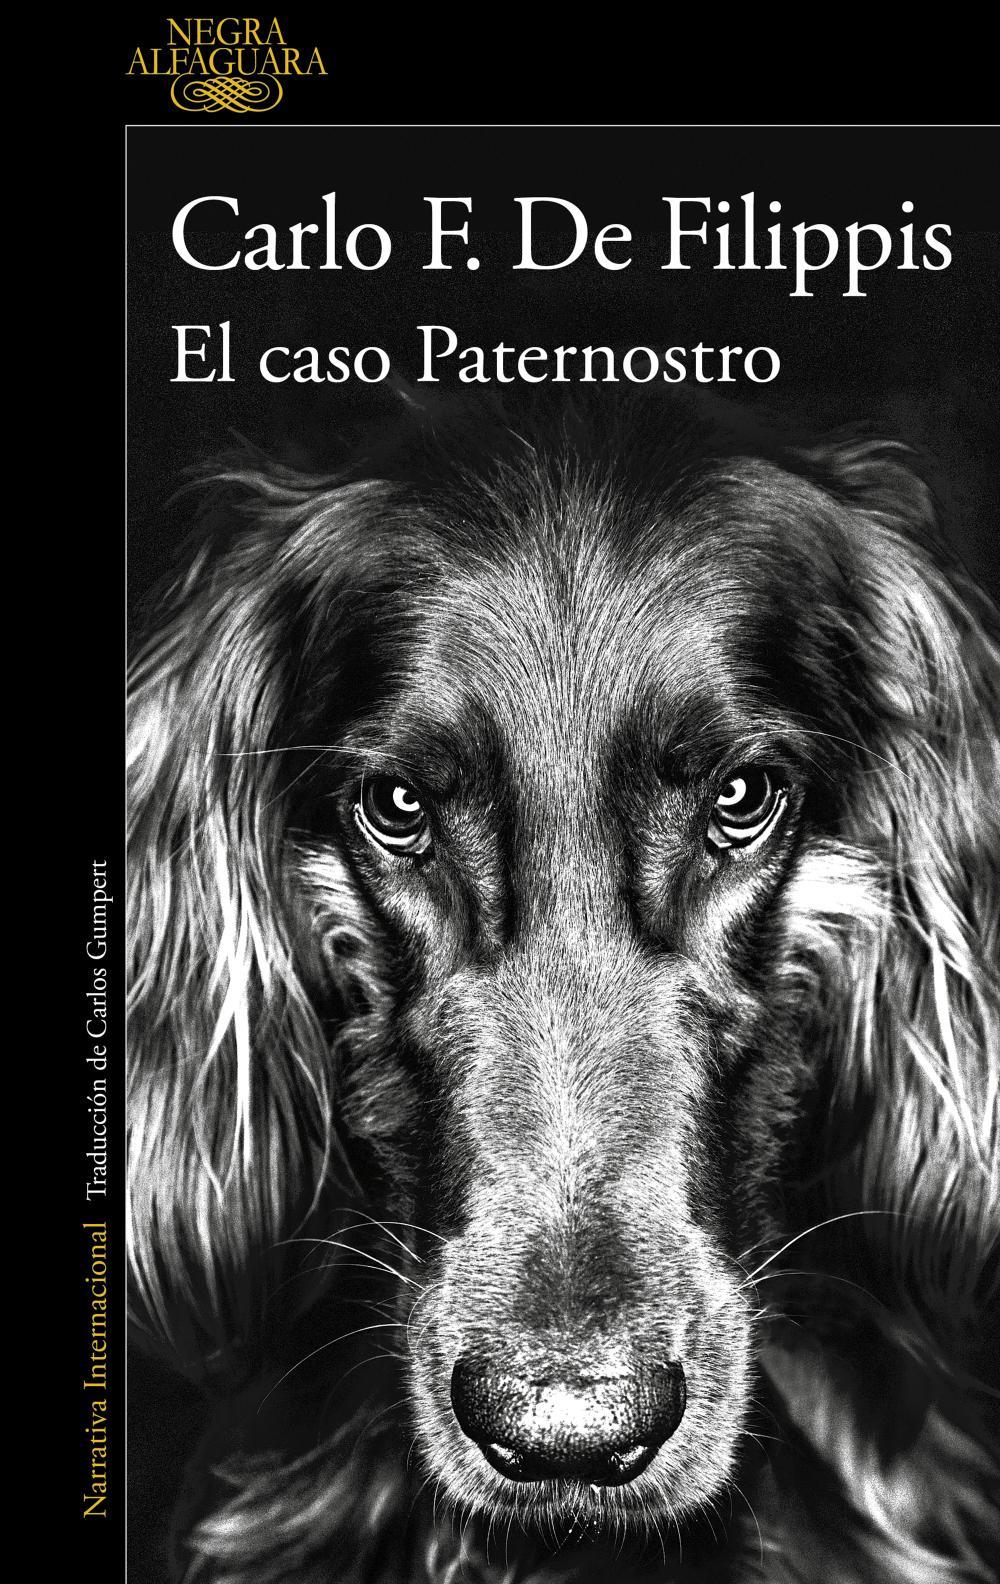 El caso Paternostro